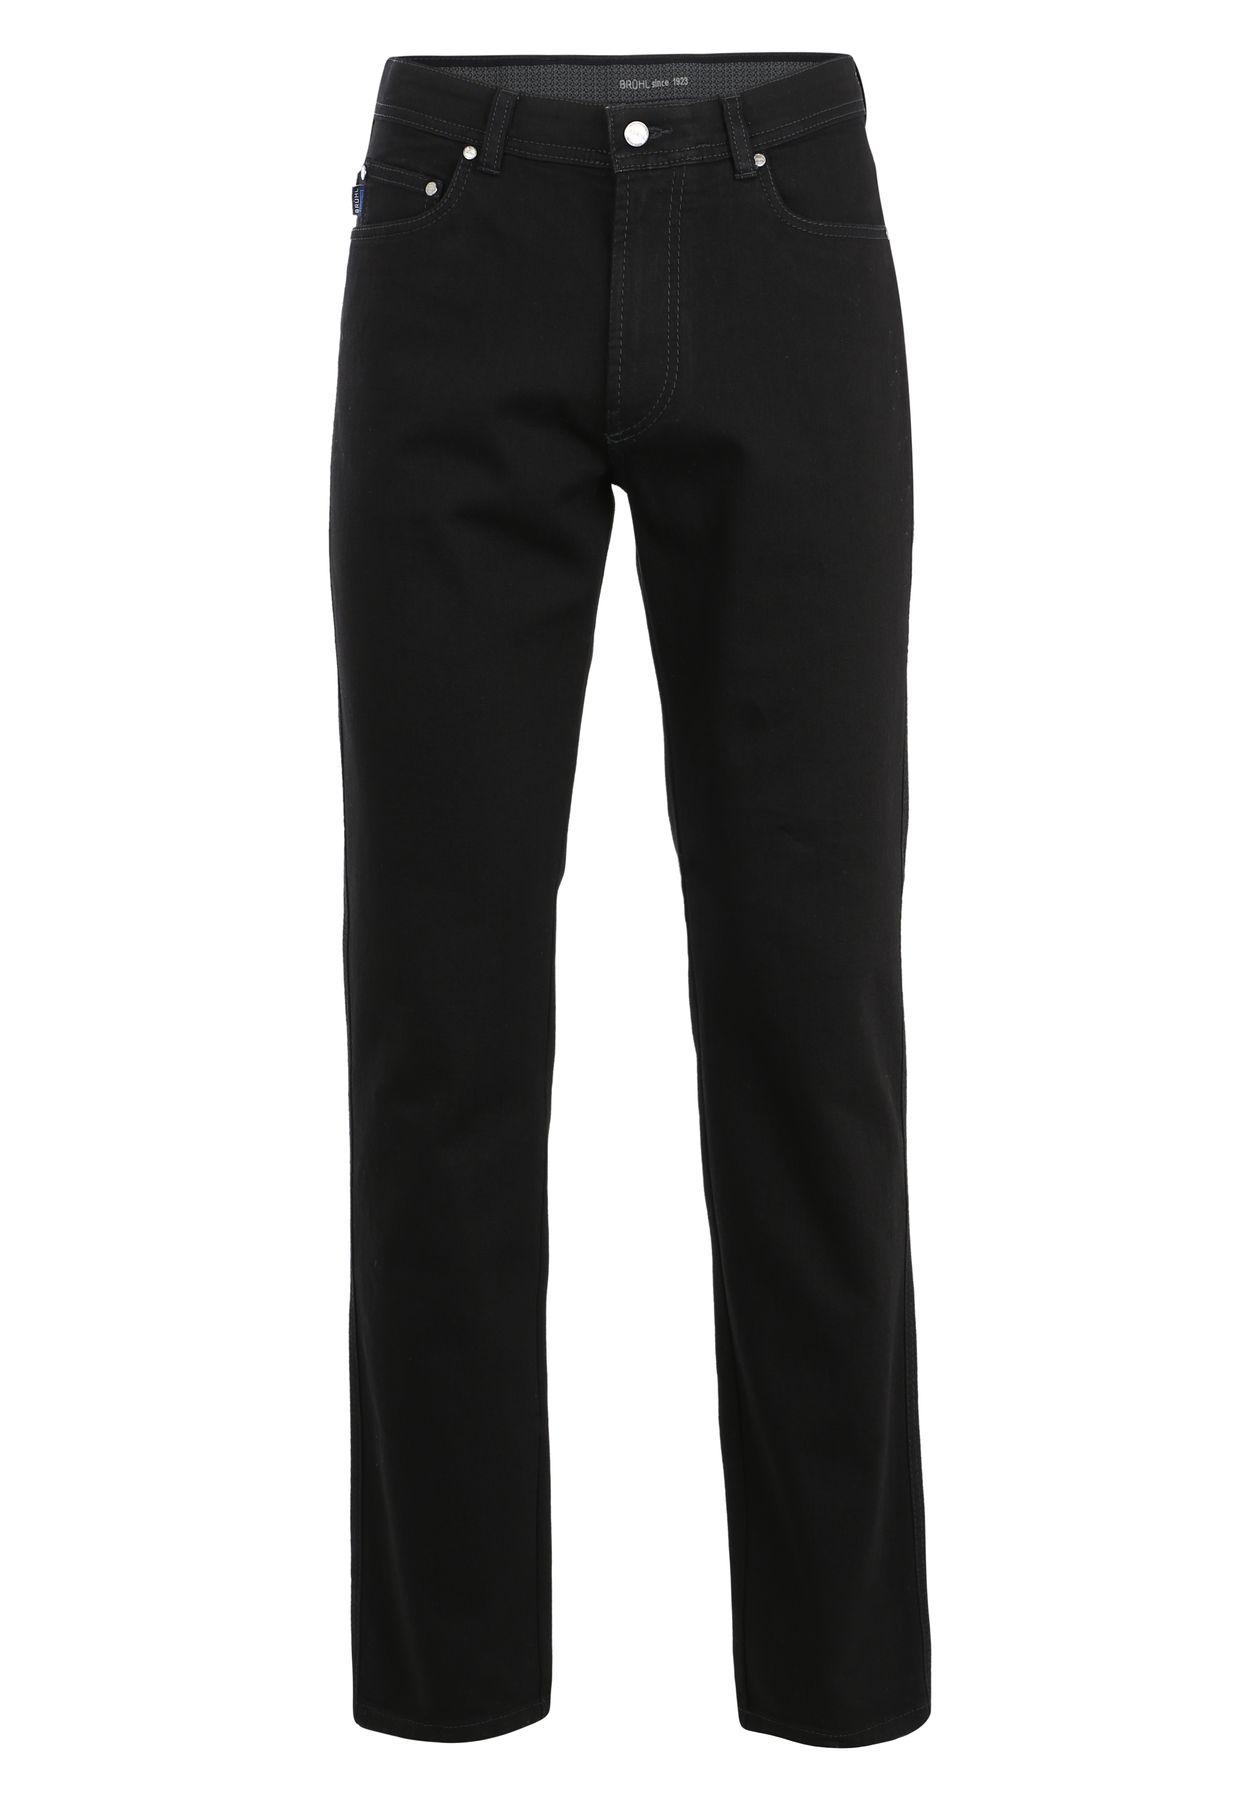 Brühl - Herren Five-Pocket Jeans in verschiedenen Farben, Genua 3 (0534003142100) – Bild 3